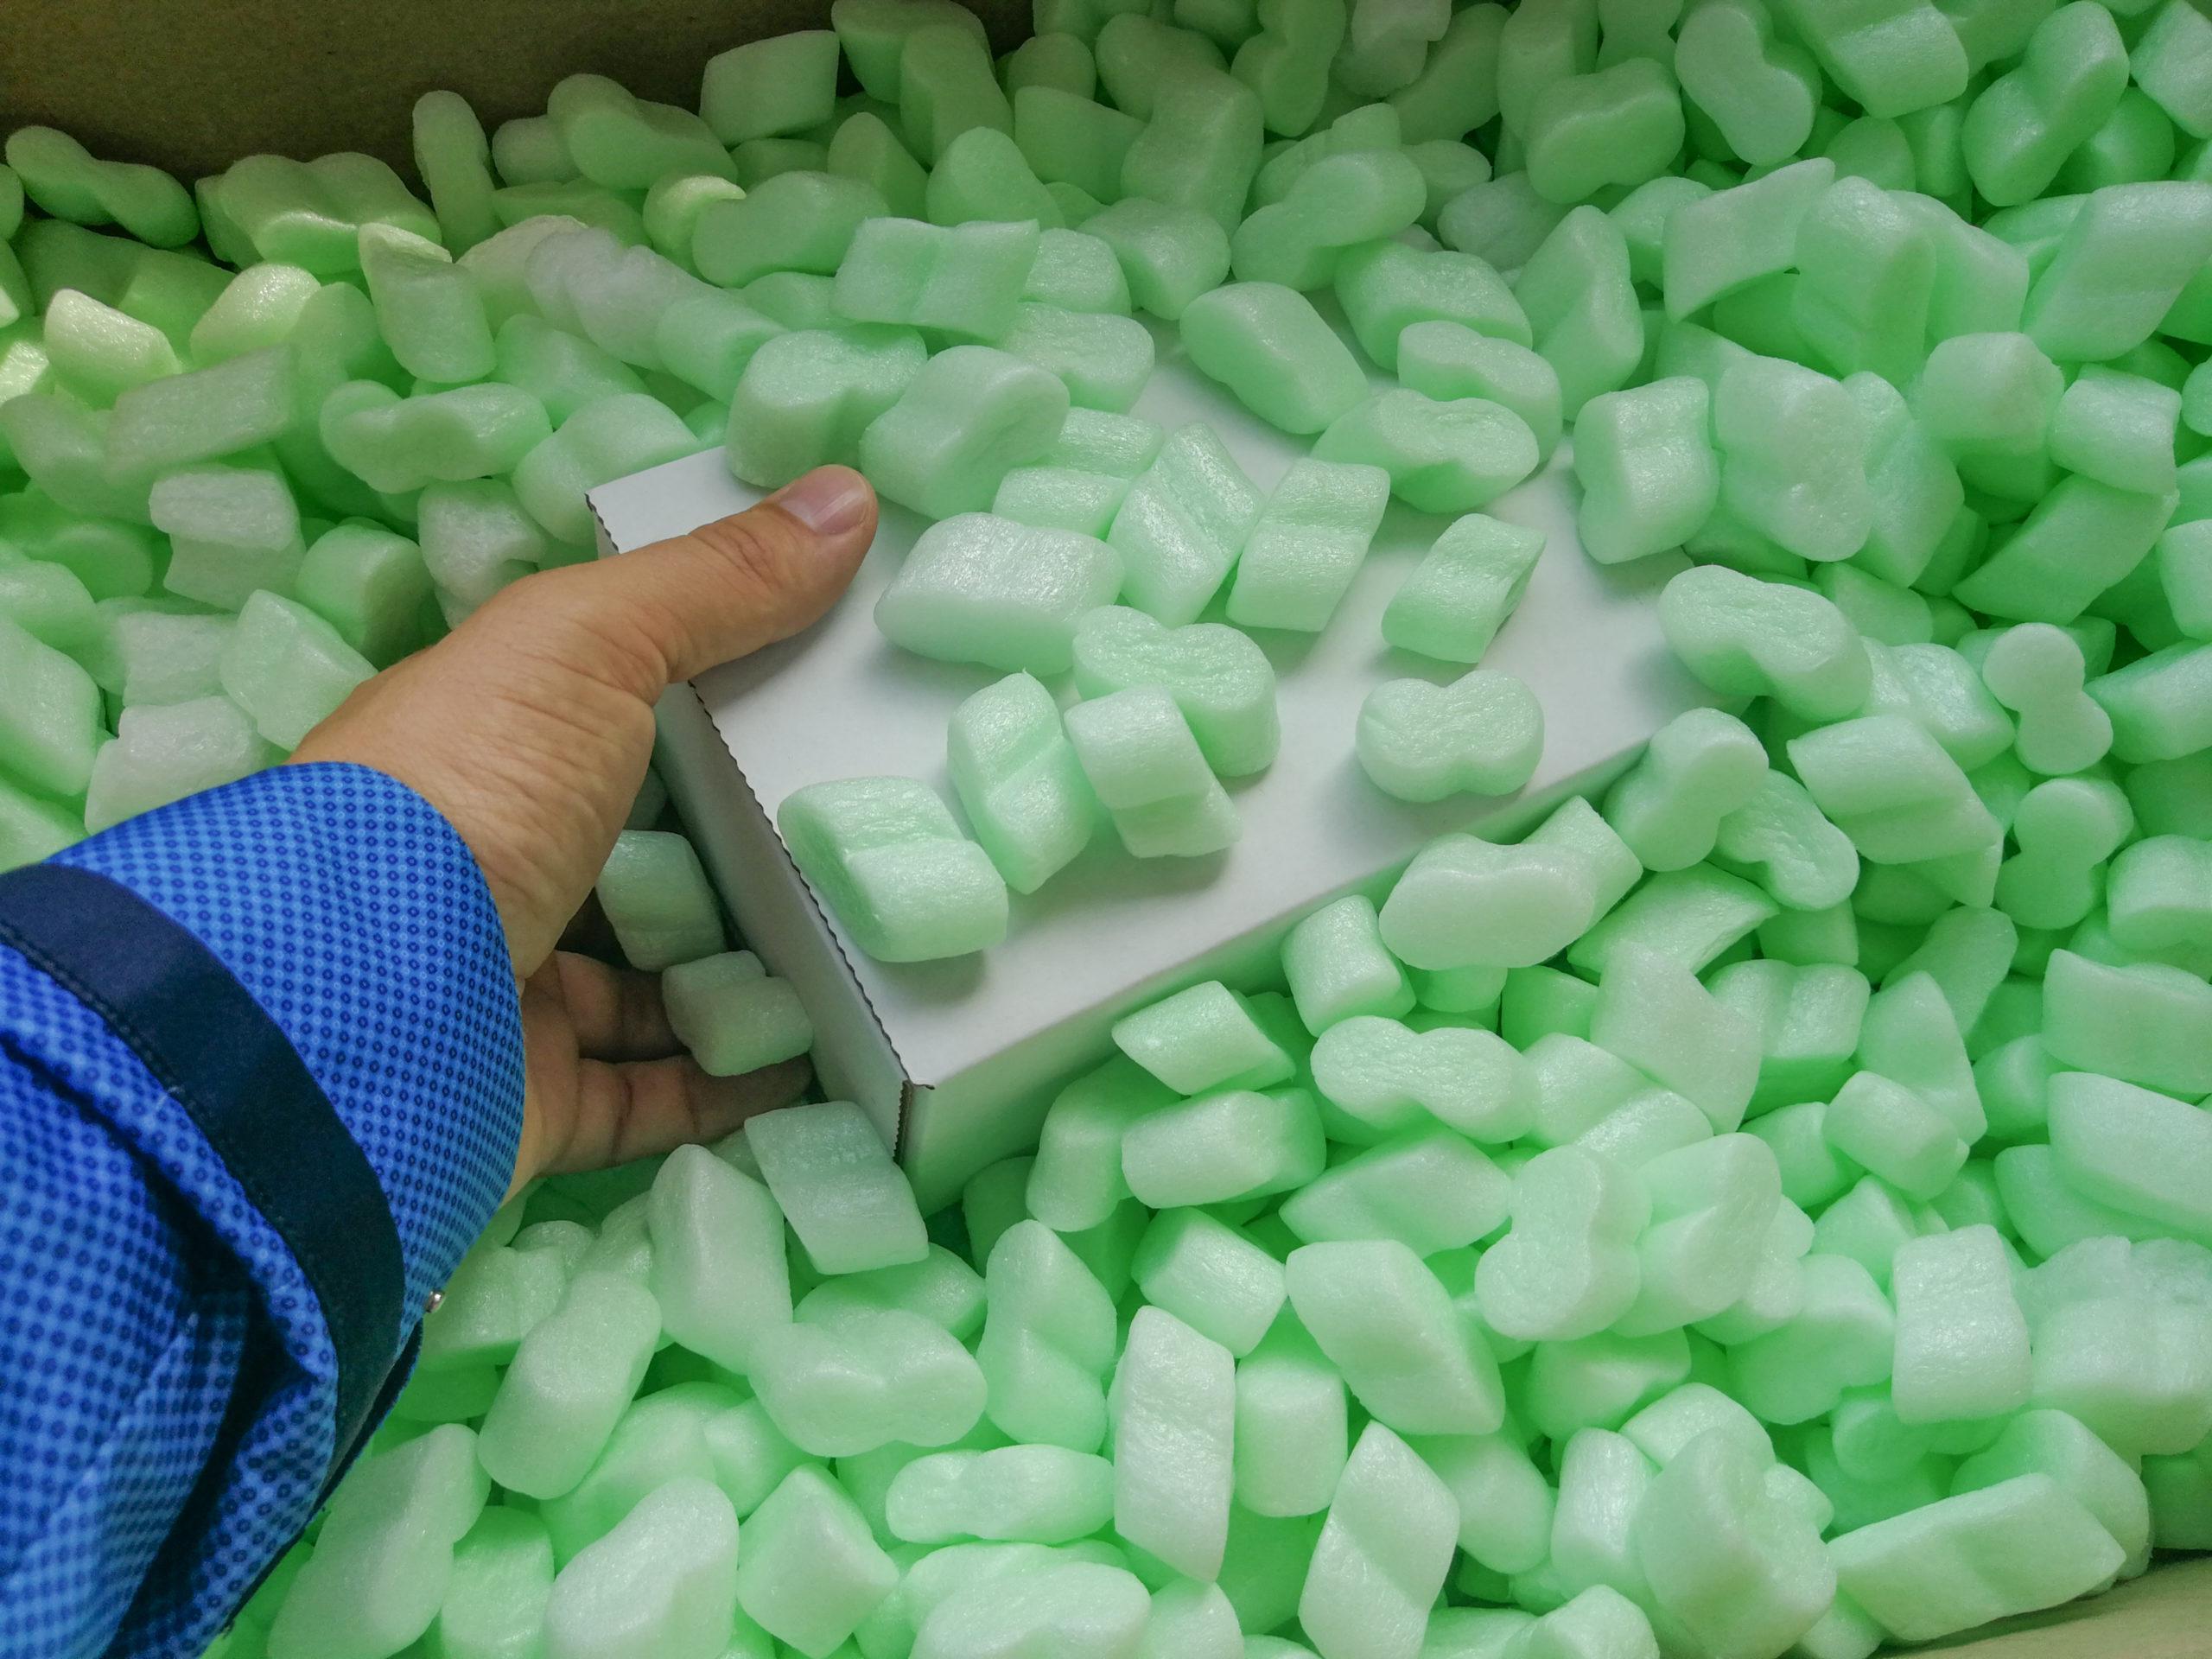 Recyclage du polystyrène : le consortium PS25 dresse la liste les conditions techniques à remplir